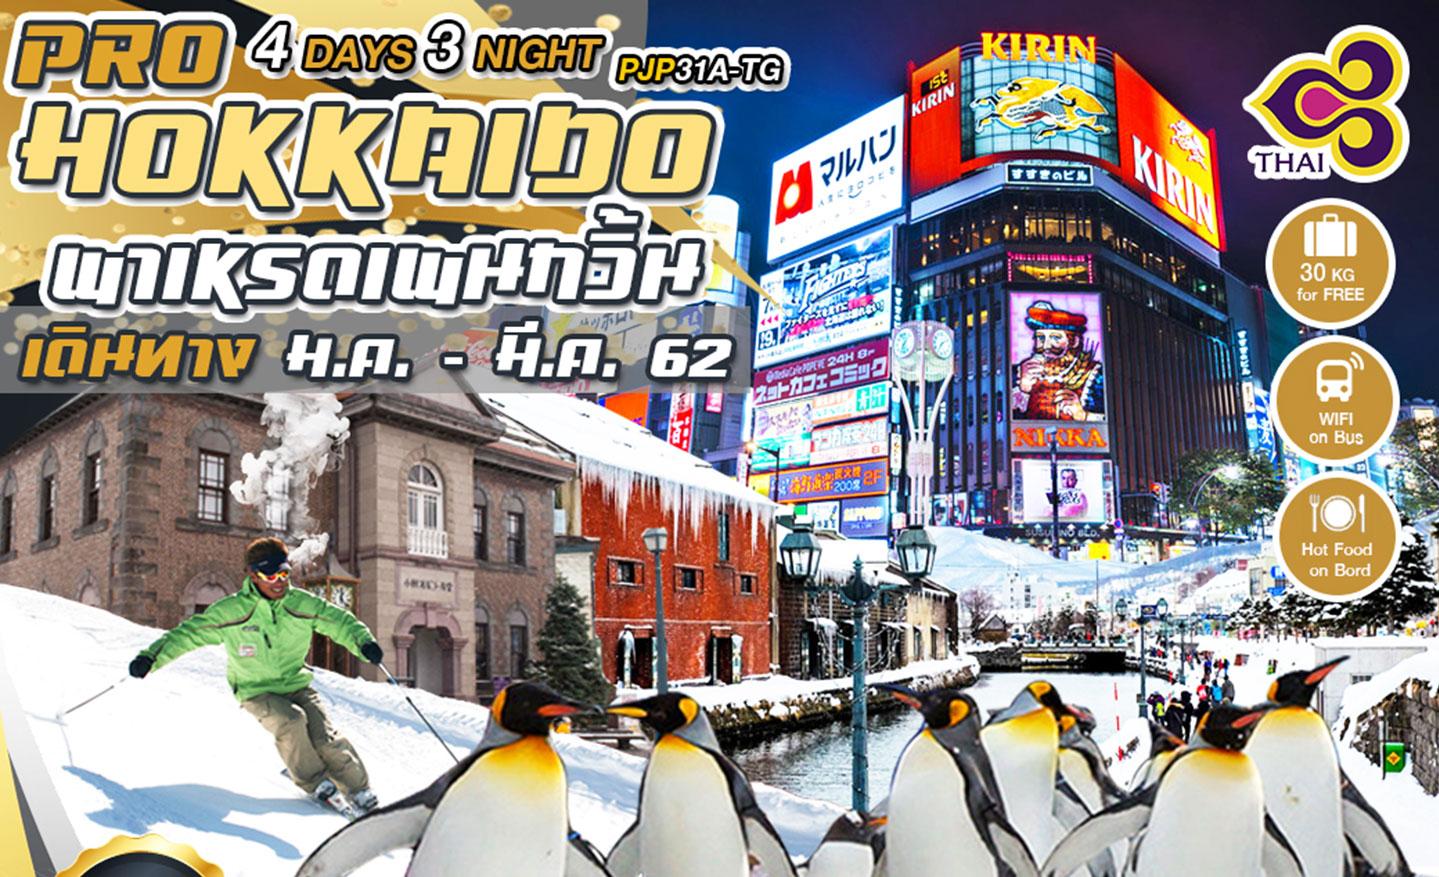 ทัวร์ญี่ปุ่น Hokkaido พาเหรดเพนกวิ้น No free day (มค.-มี.ค.62)